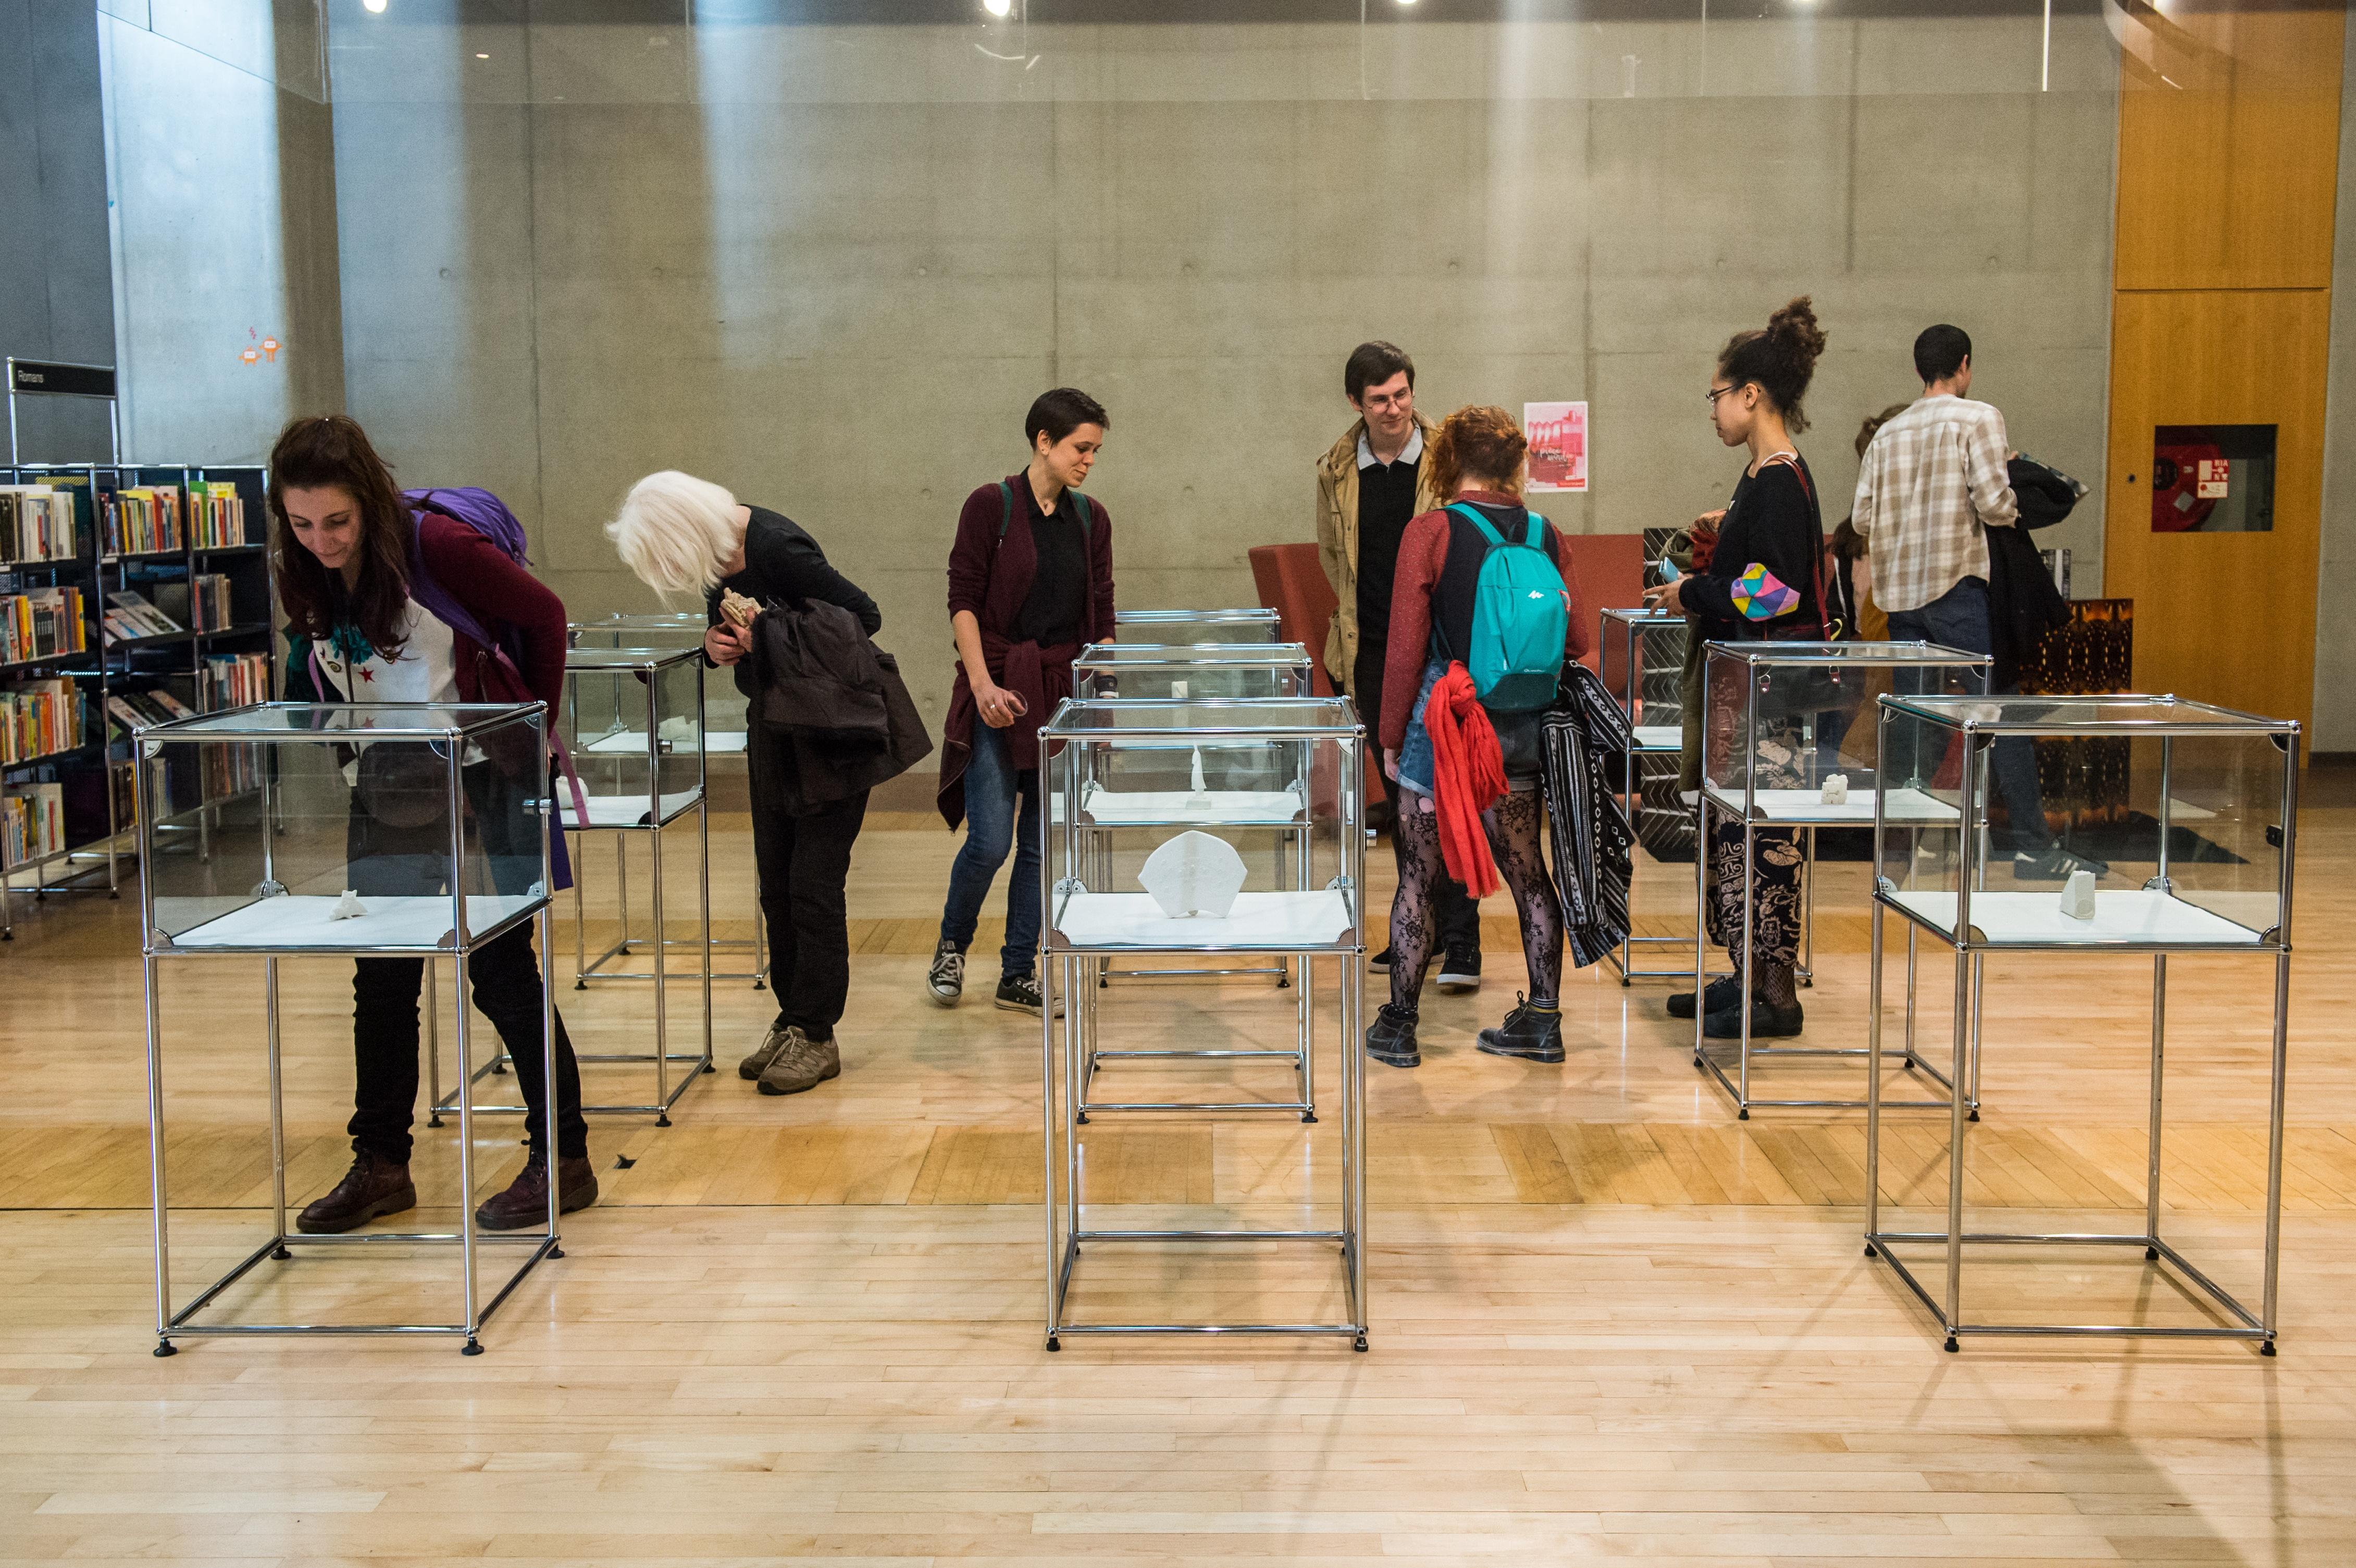 Vernissage de l'exposition <i>Pièce montée</i> à la Médiathèque José Cabanis © Franck Alix